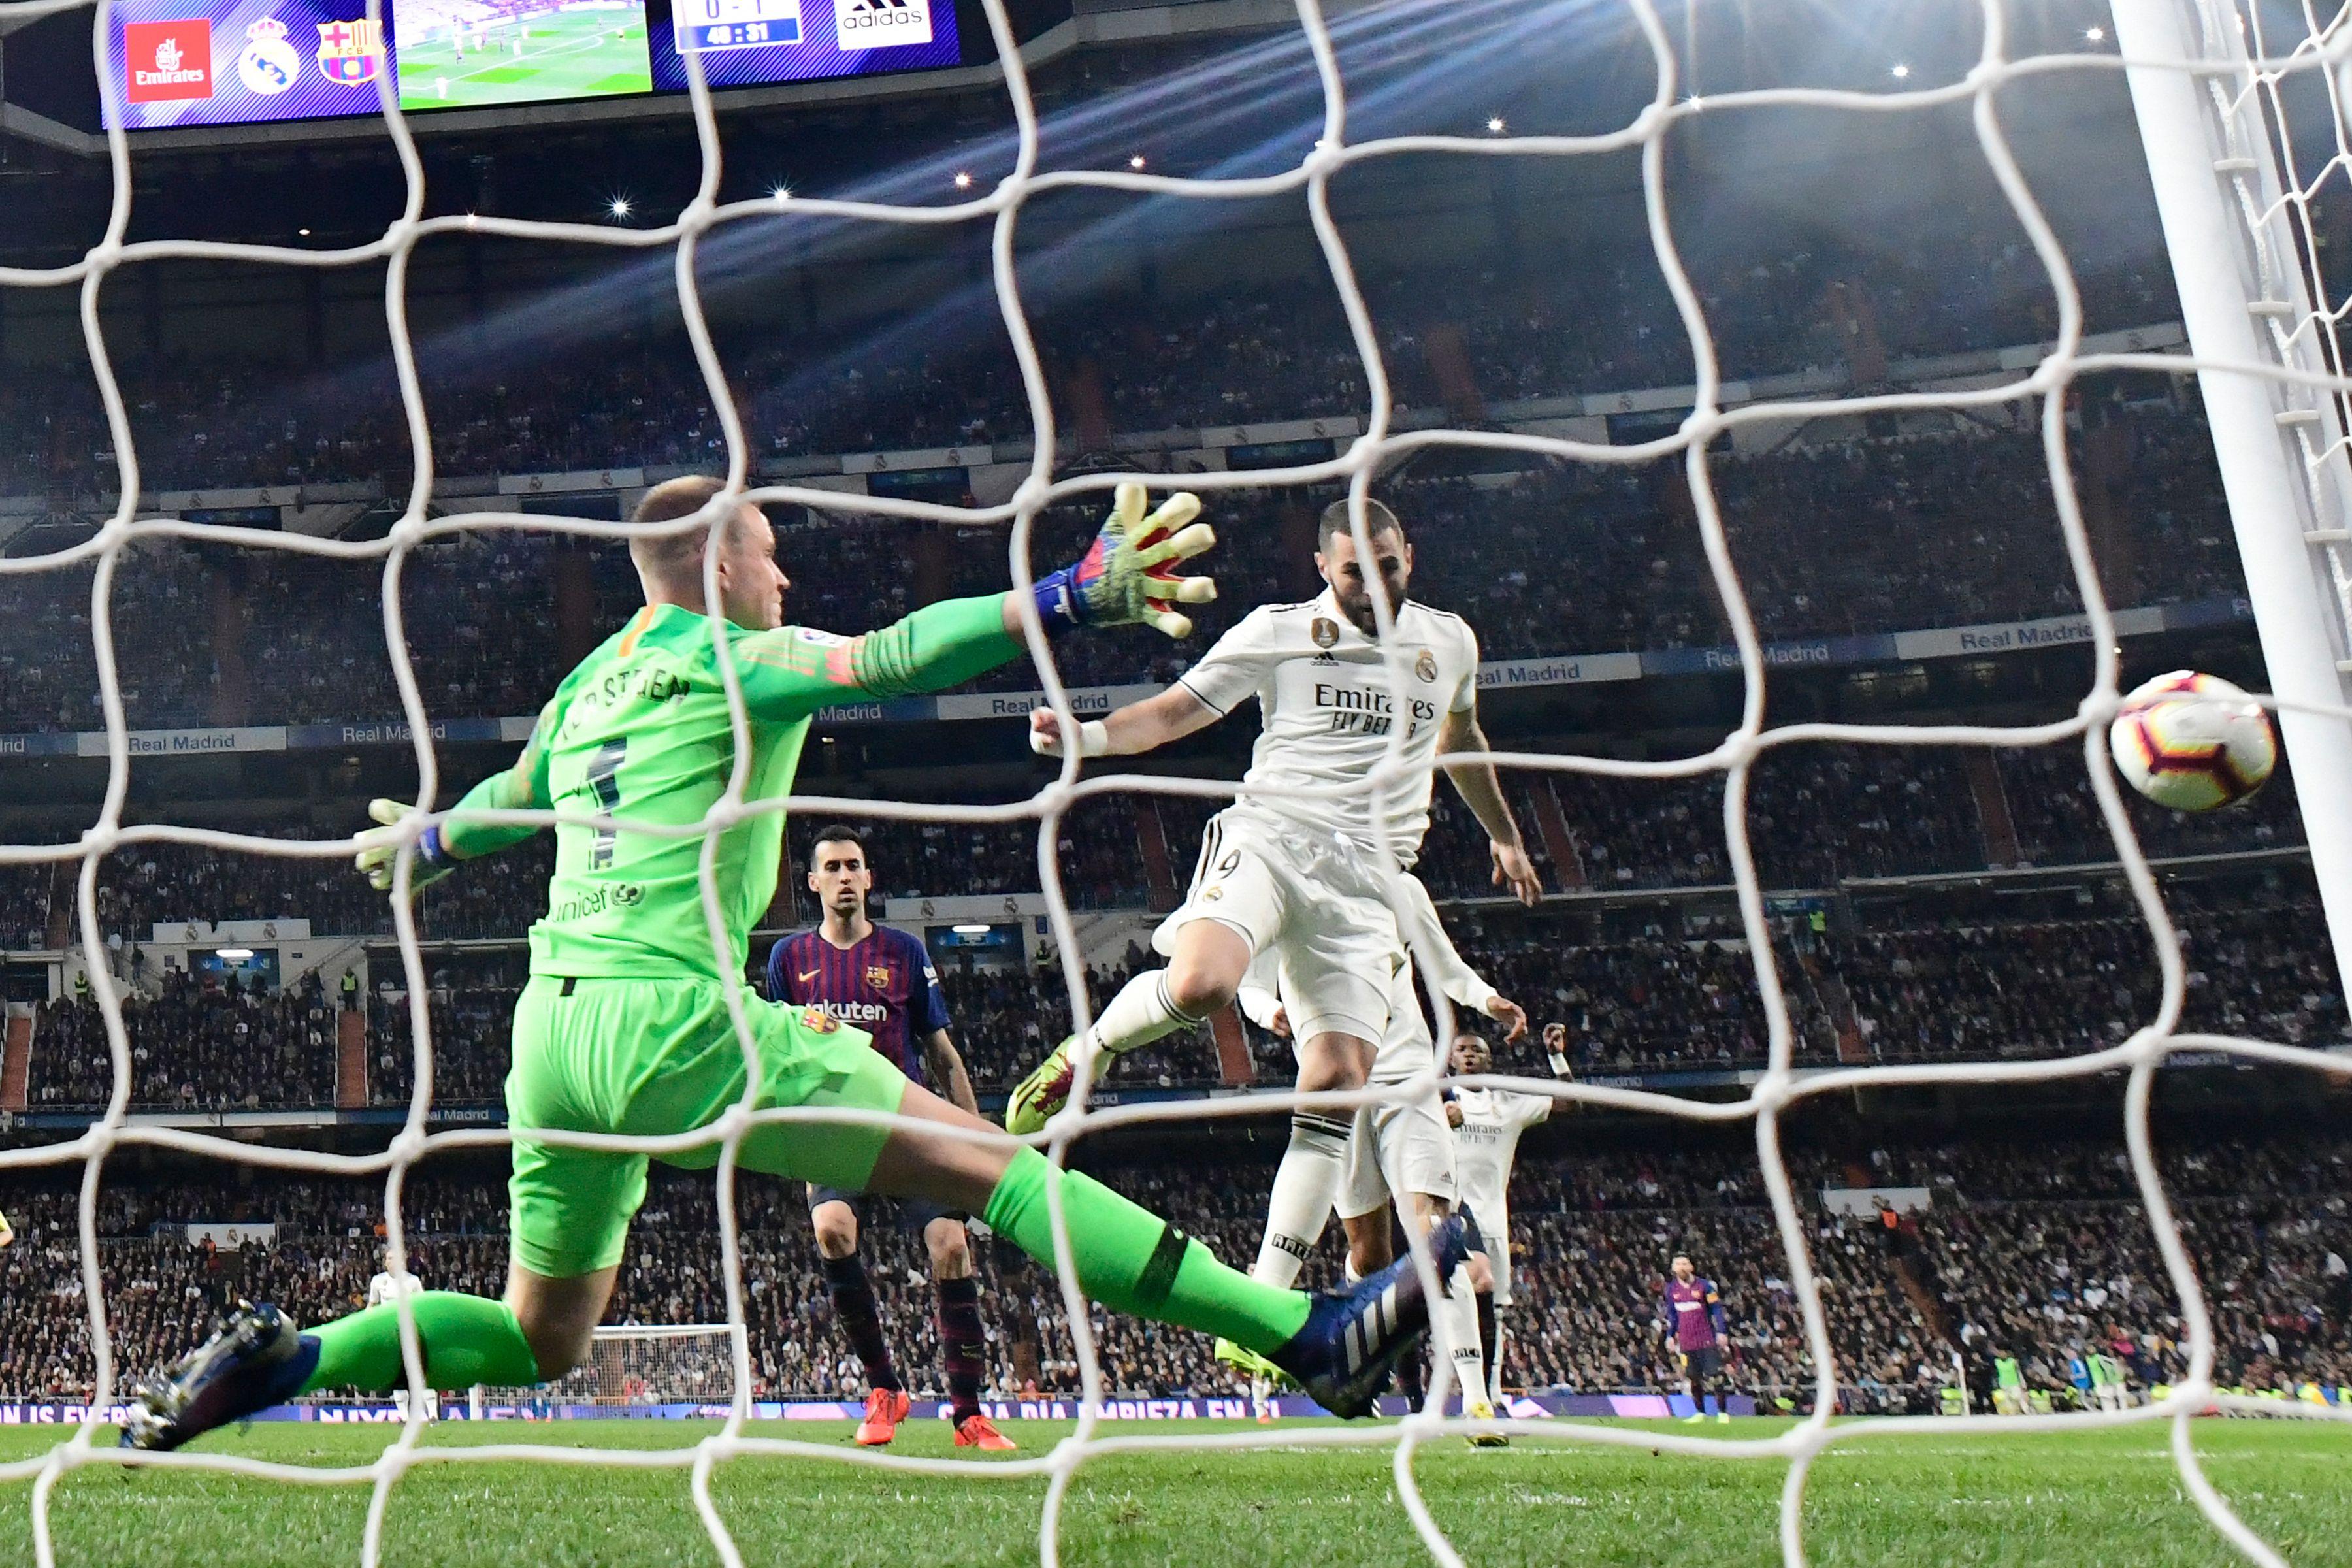 fbl-liga-esp-real-madrid-barcelona.jpg